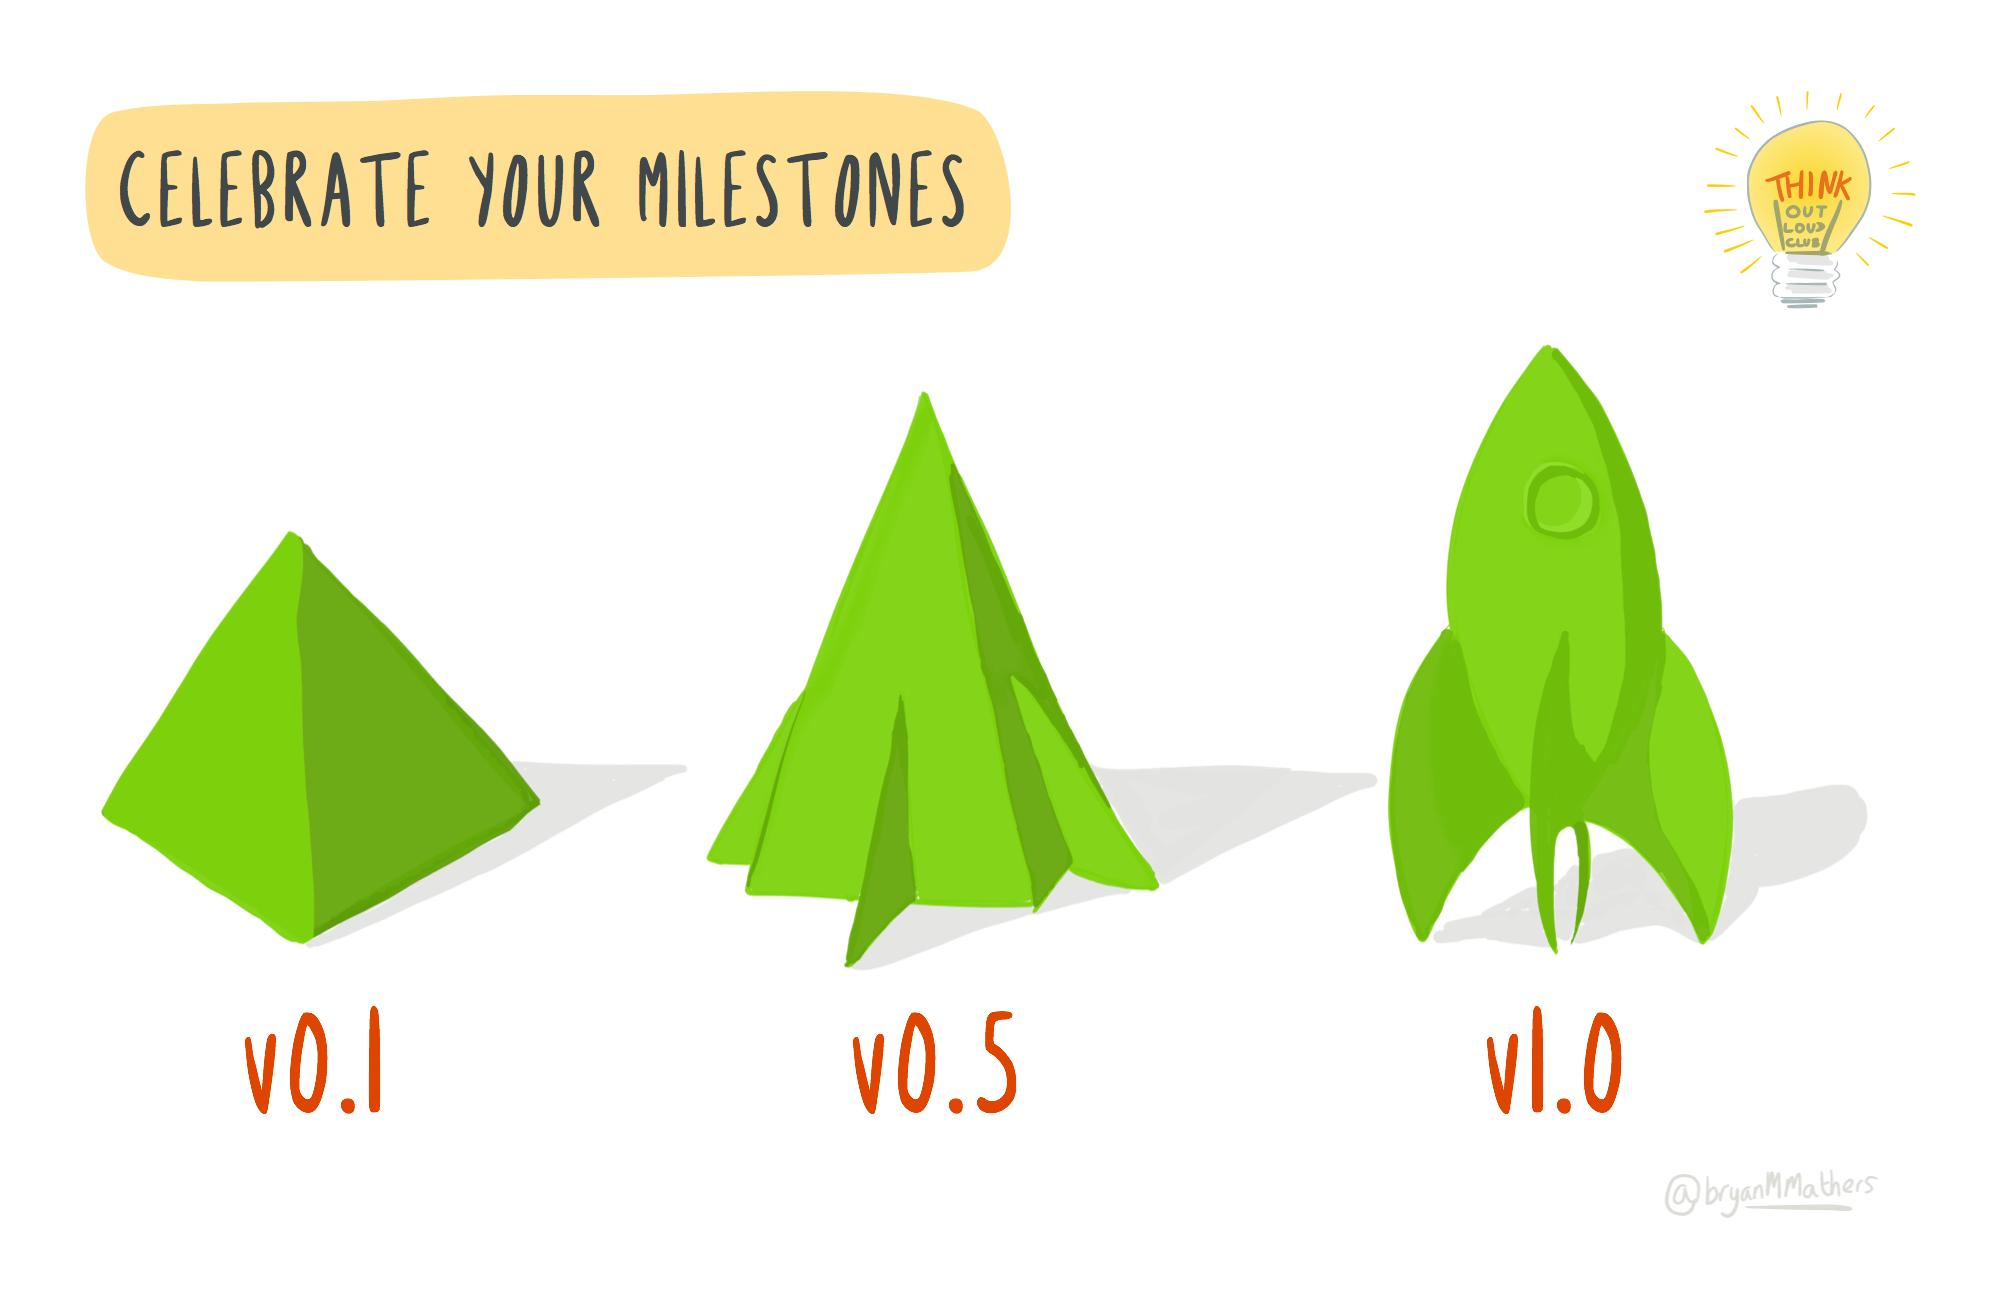 Celebrate your Milestones